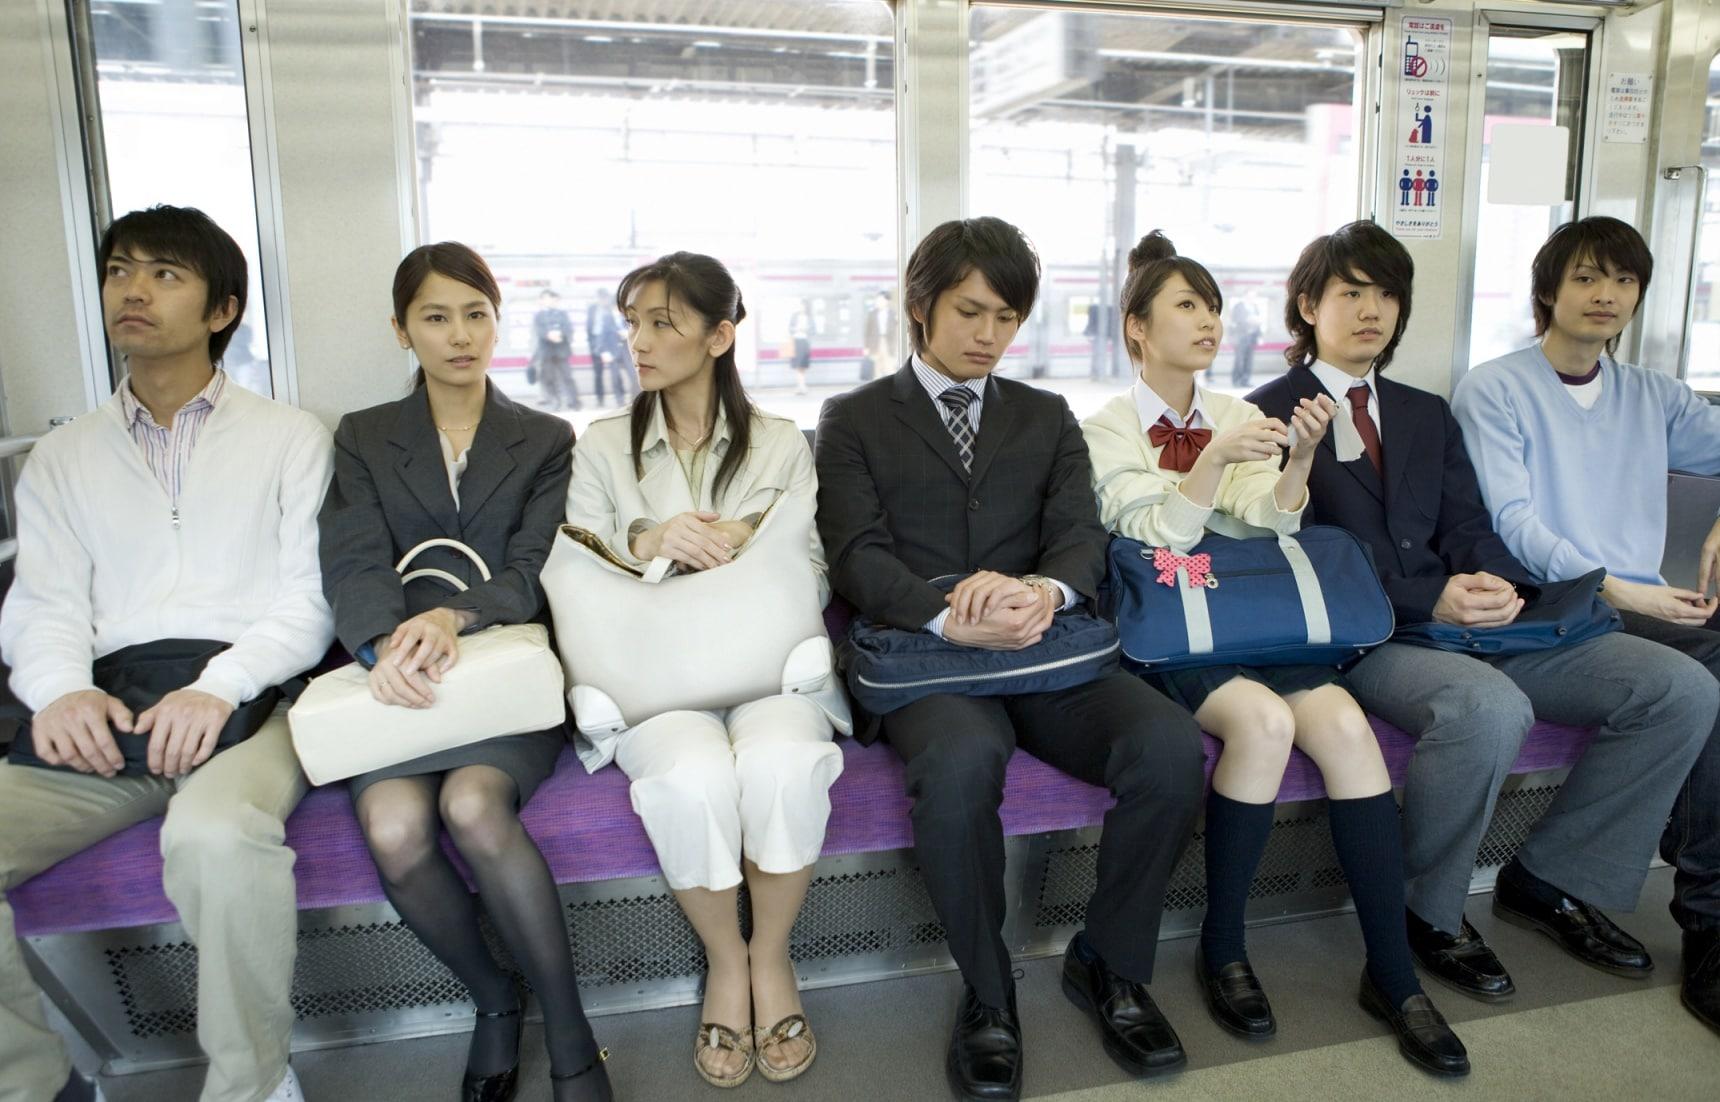 รวมเทคนิคการขึ้นรถไฟแบบคนญี่ปุ่น